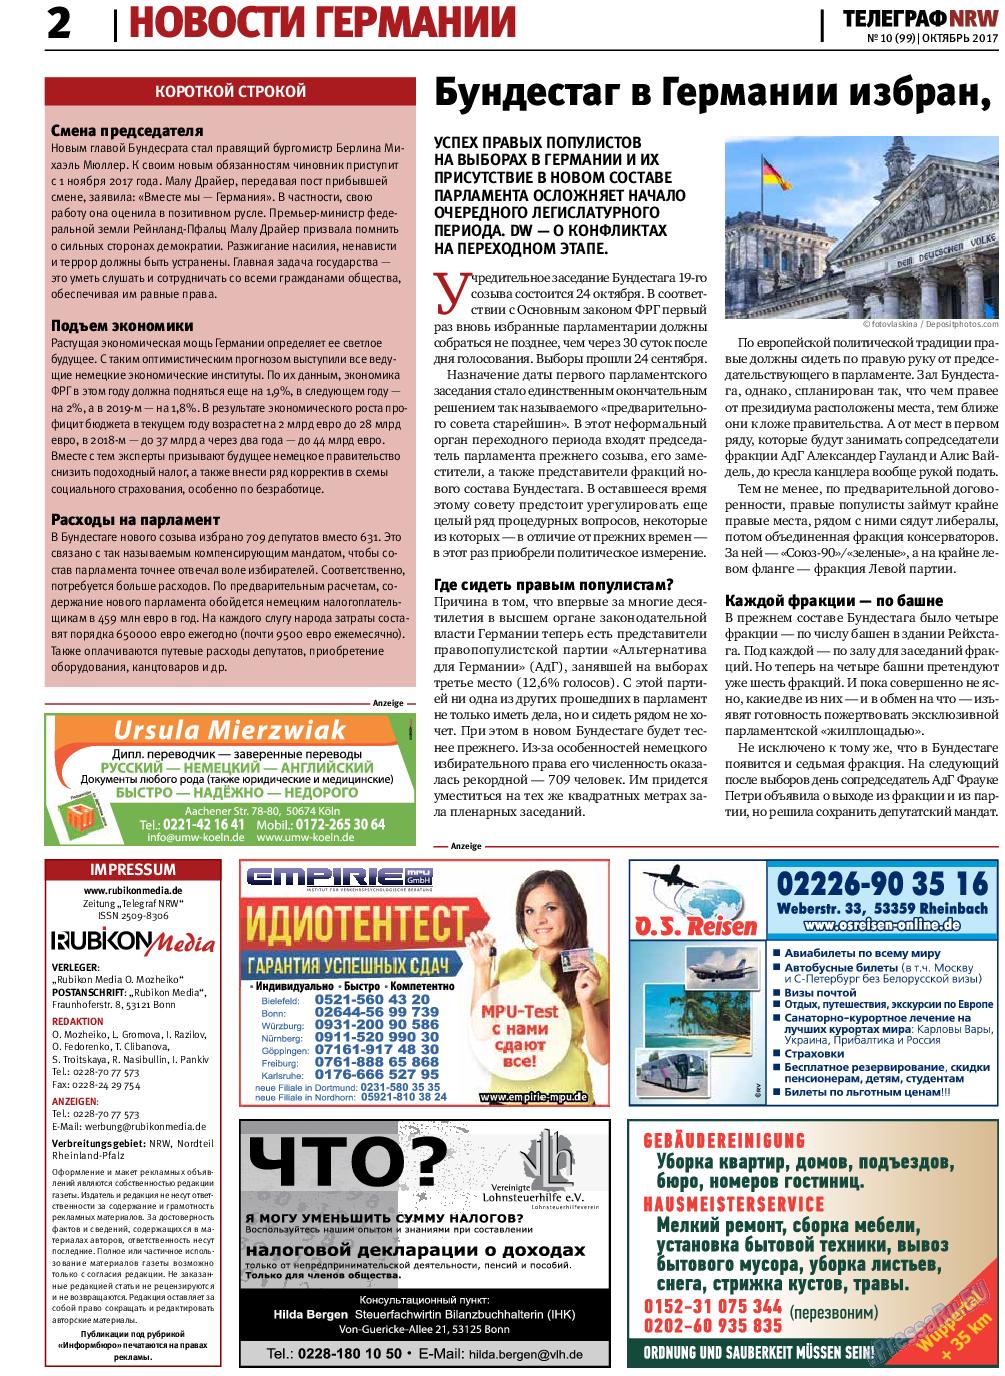 Телеграф NRW (газета). 2017 год, номер 10, стр. 2